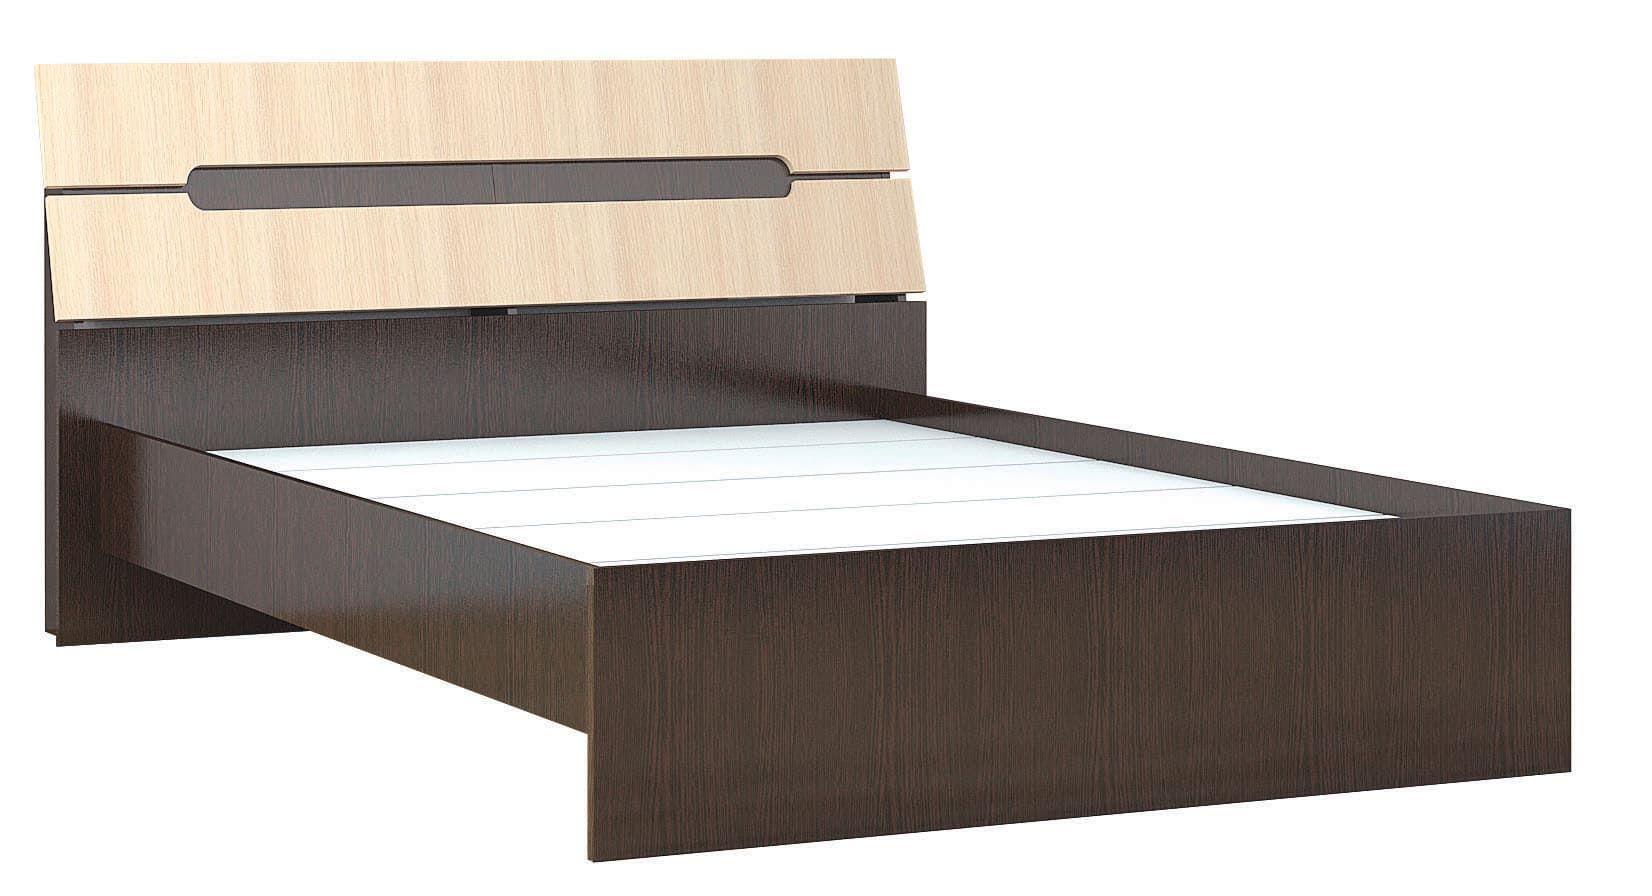 Кровать Гавана 1,6 с основанием ДСП, без матраса